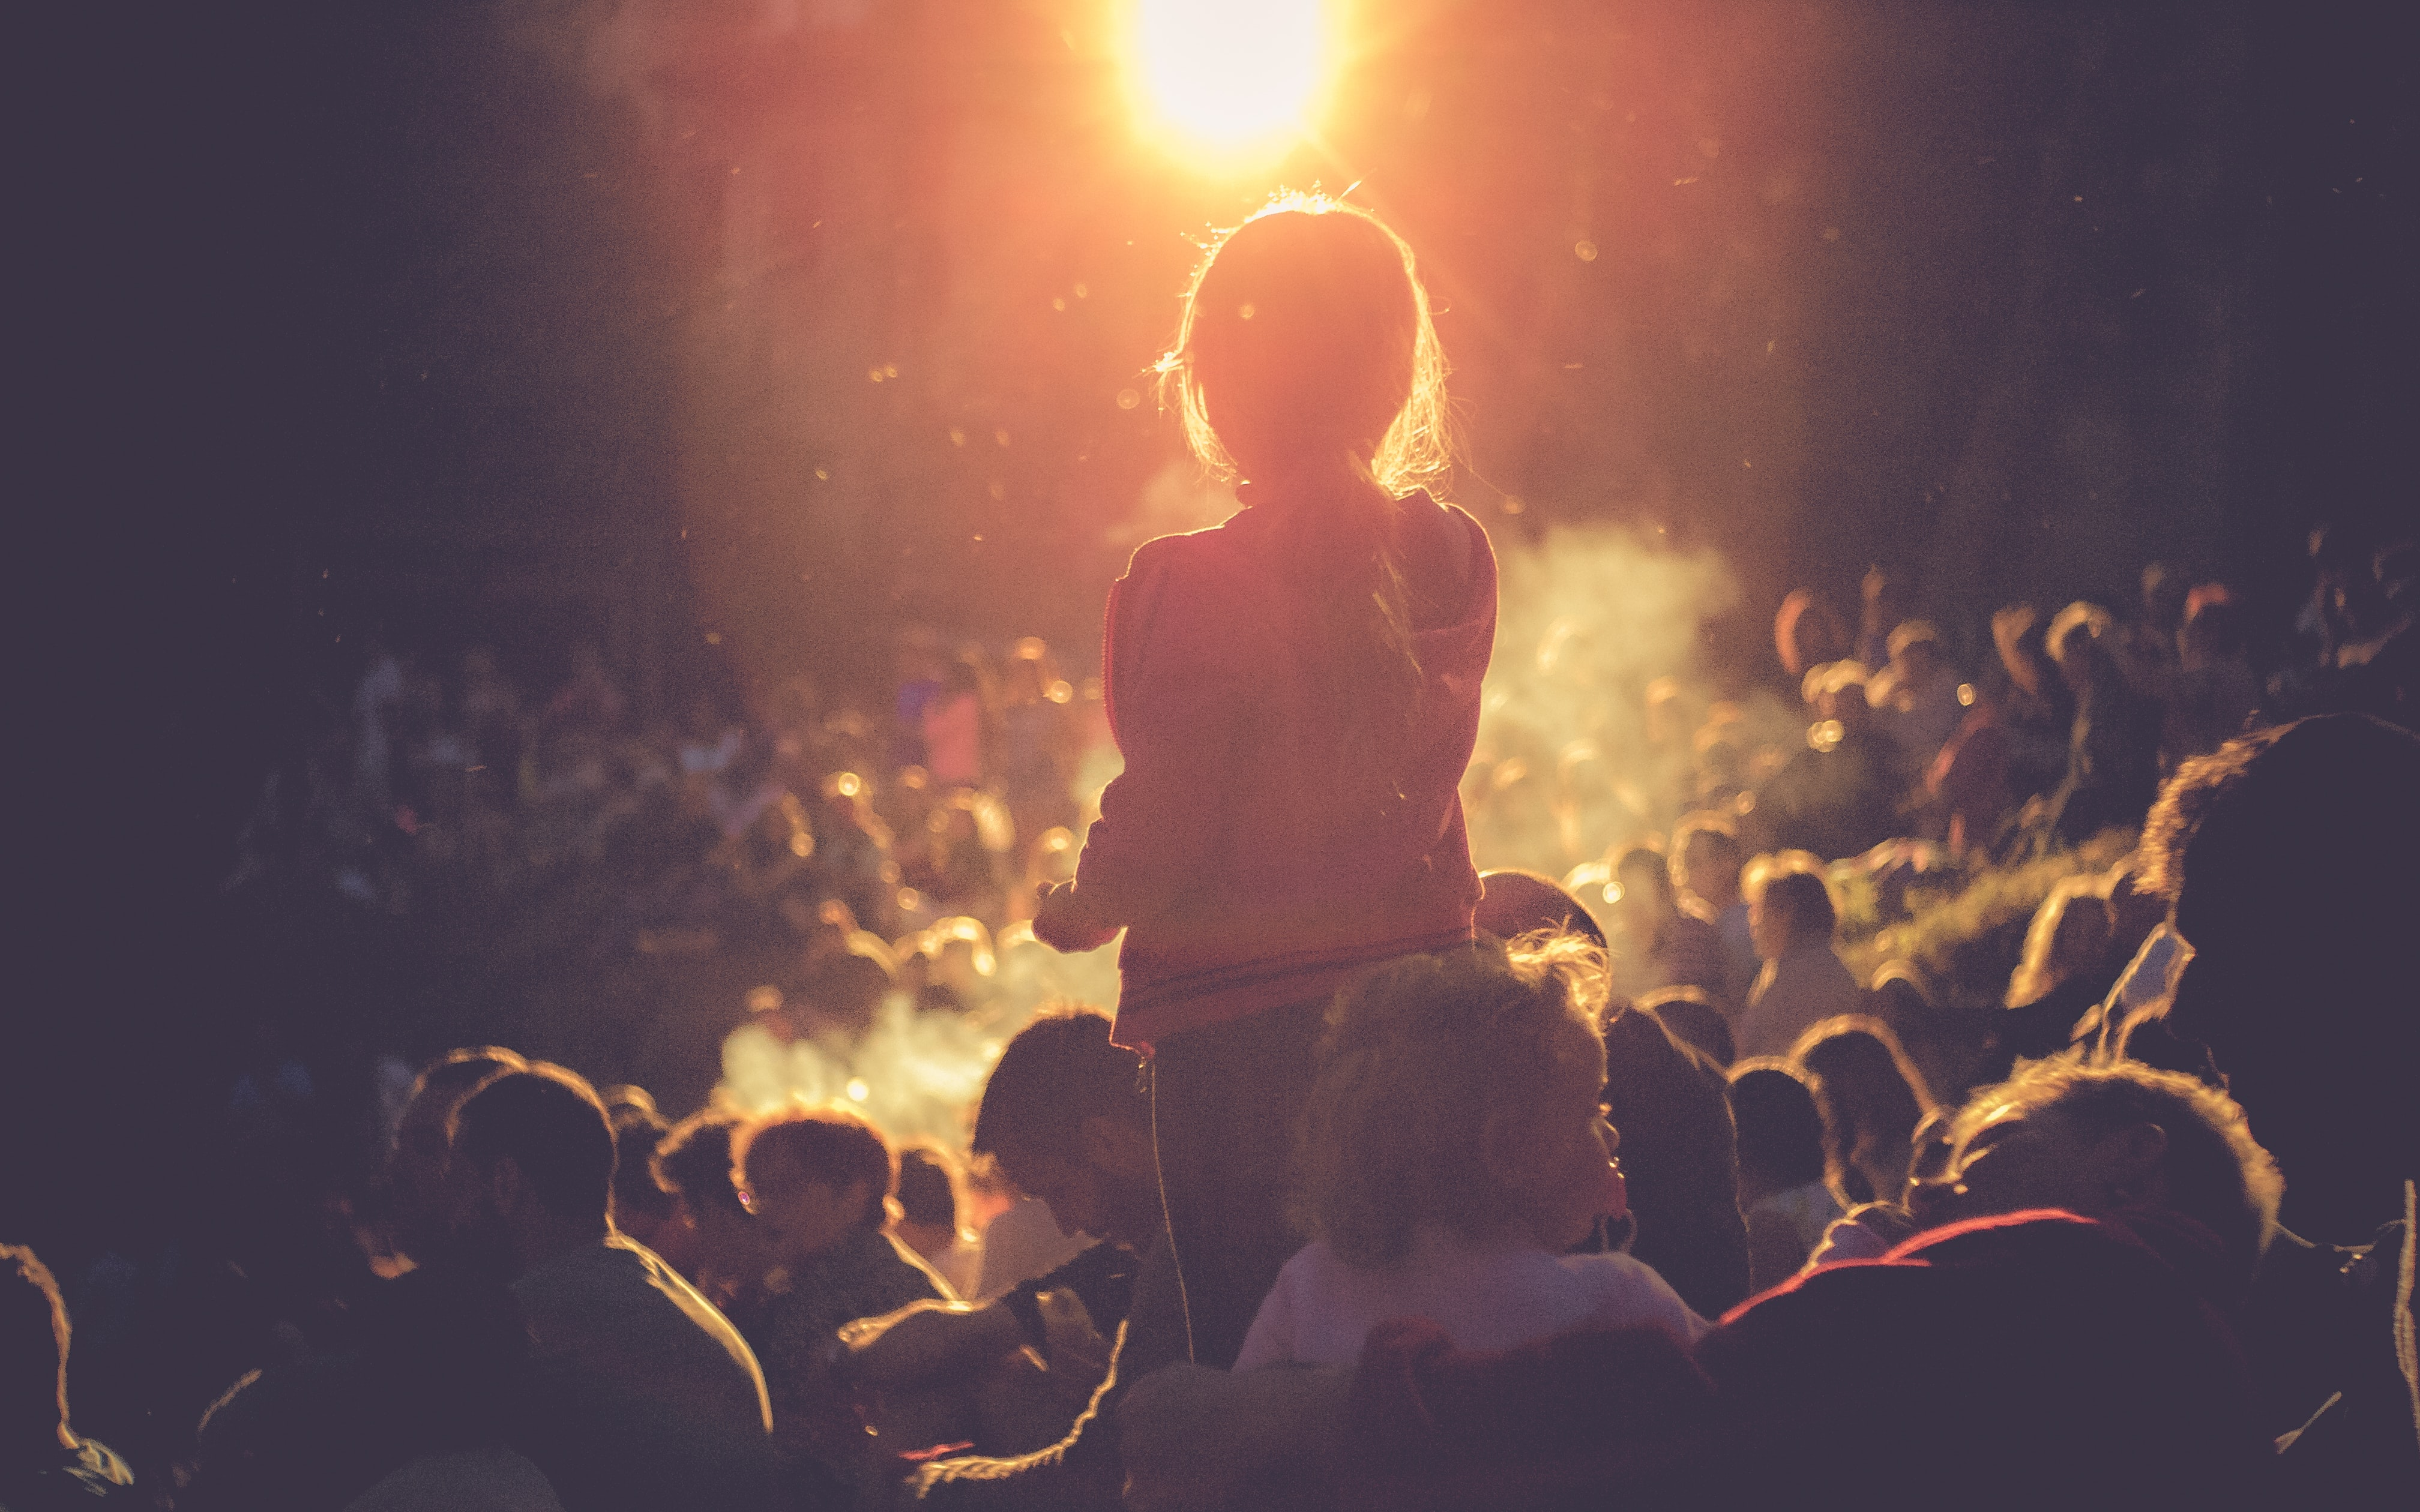 egyedi kislány a tömegben